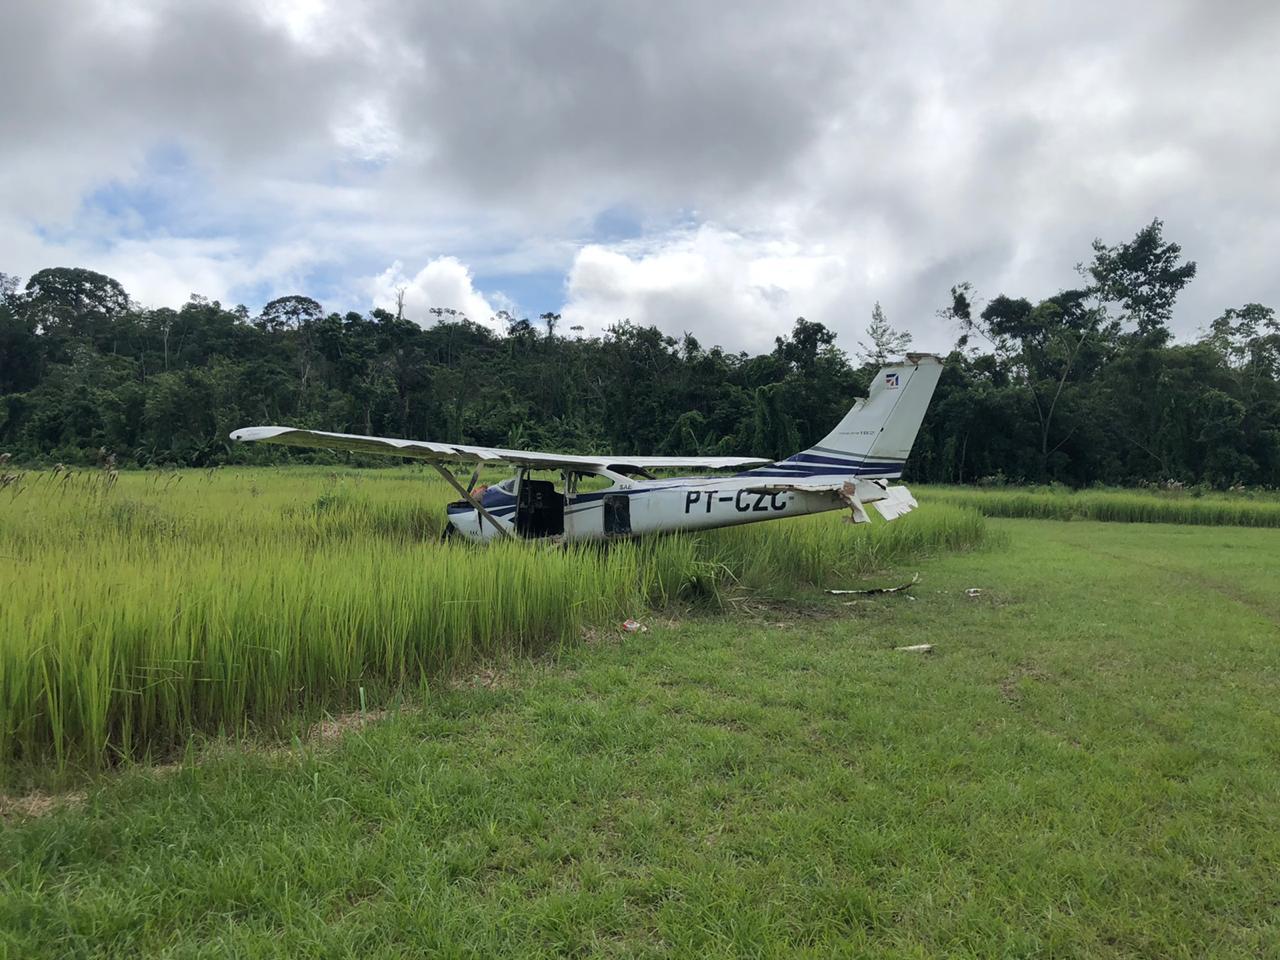 Saúde Yanomami denuncia à PF conflito entre indígenas e garimpeiros em Roraima